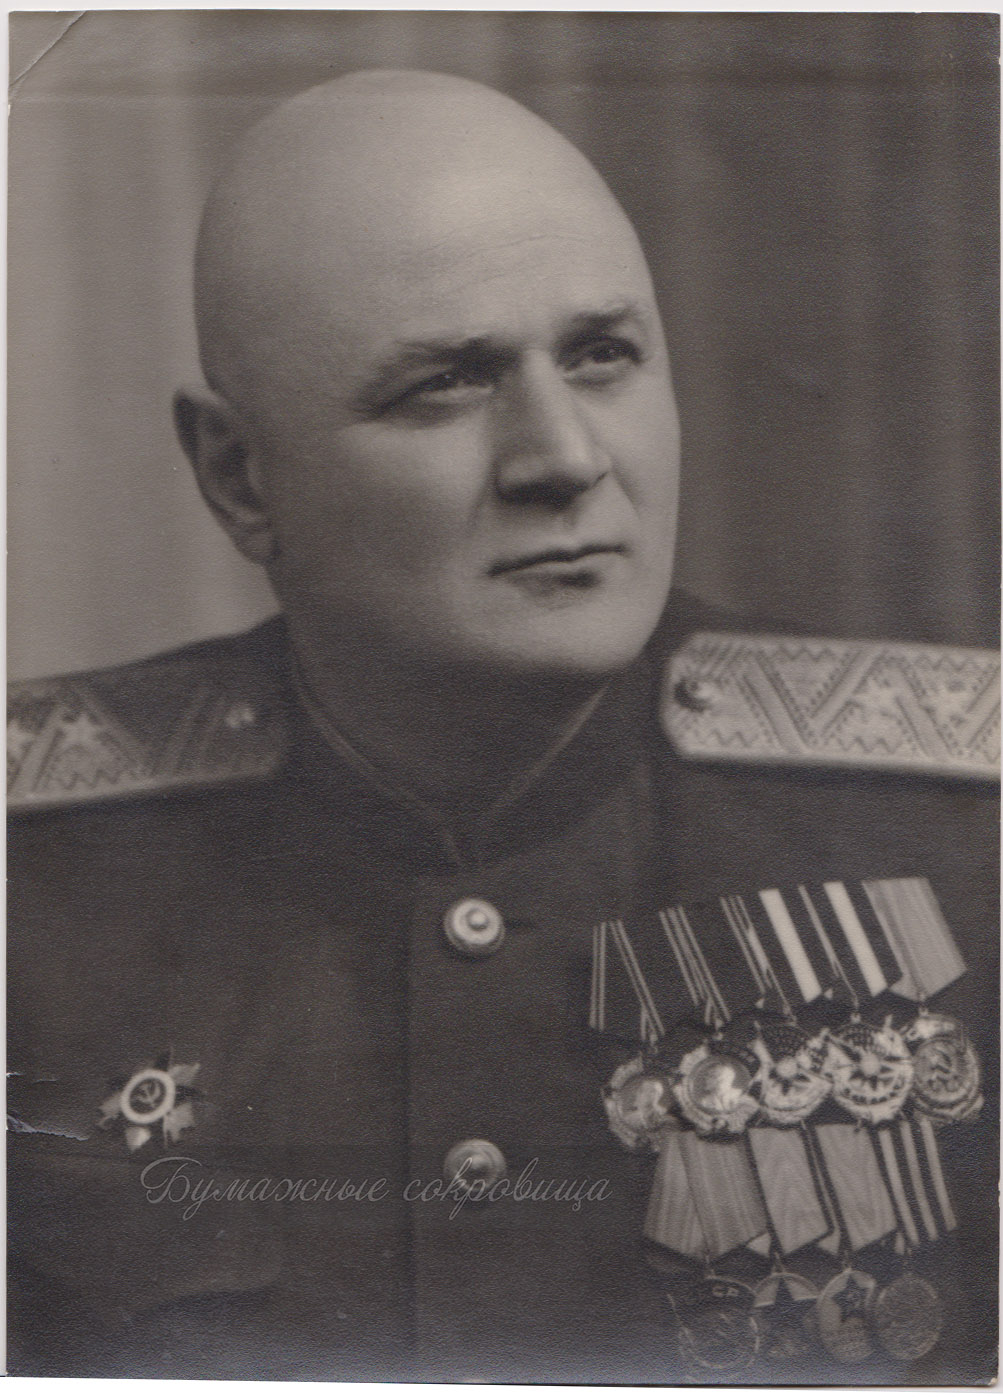 Ювельян Давидович Сумбатов-Топуридзе, народный комиссар внутренних дел Азербайджанской ССР